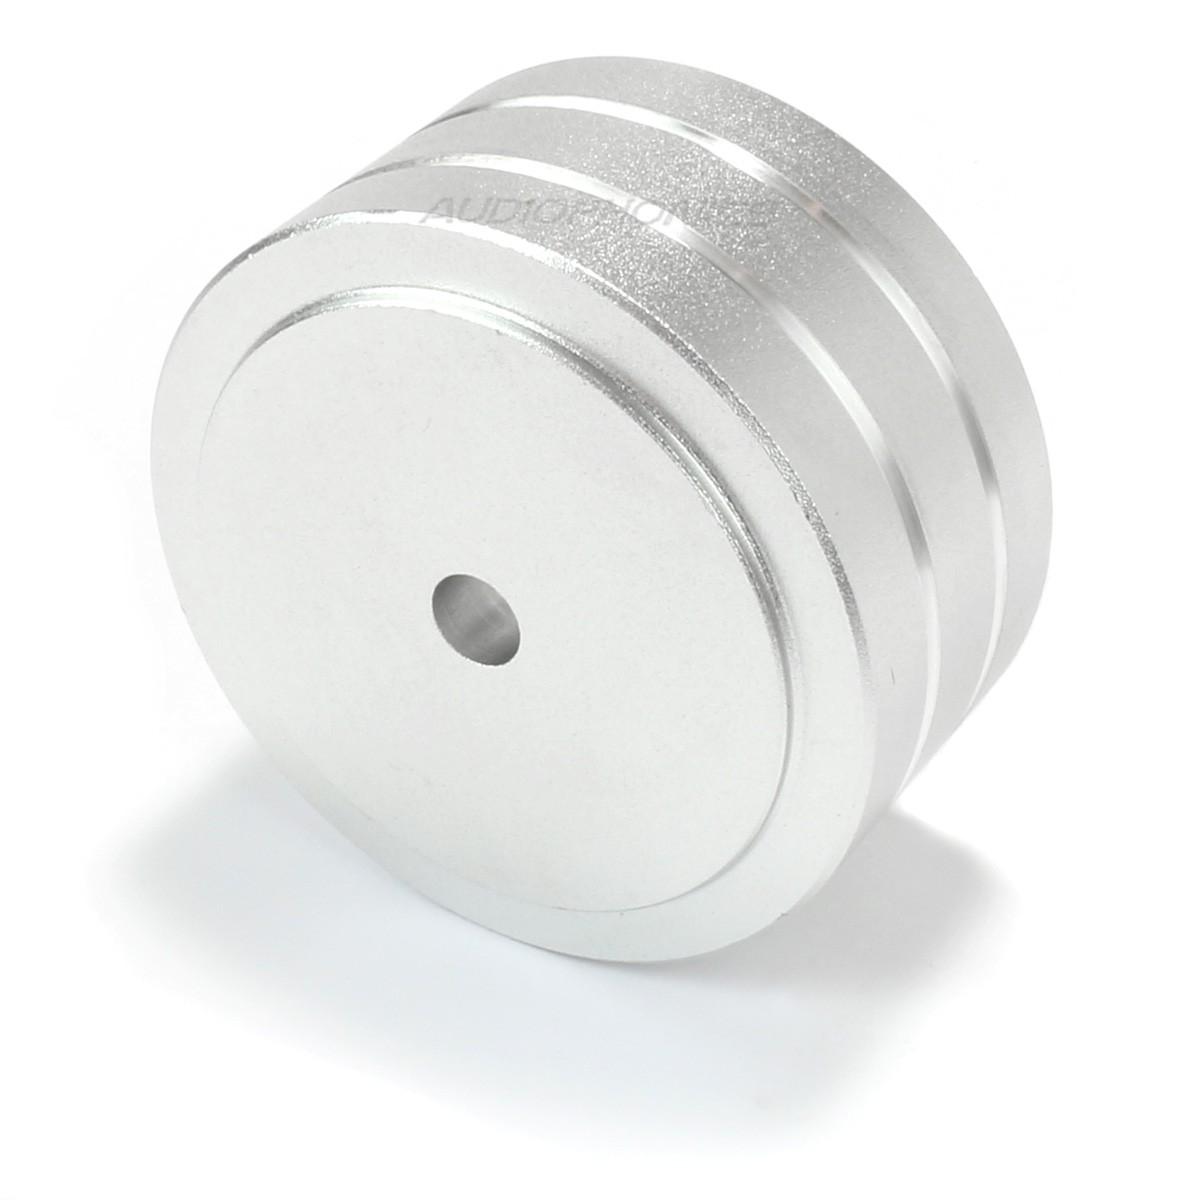 Pied Amortissant Aluminium 39.5x21.5mm M4 Argent (Unité)